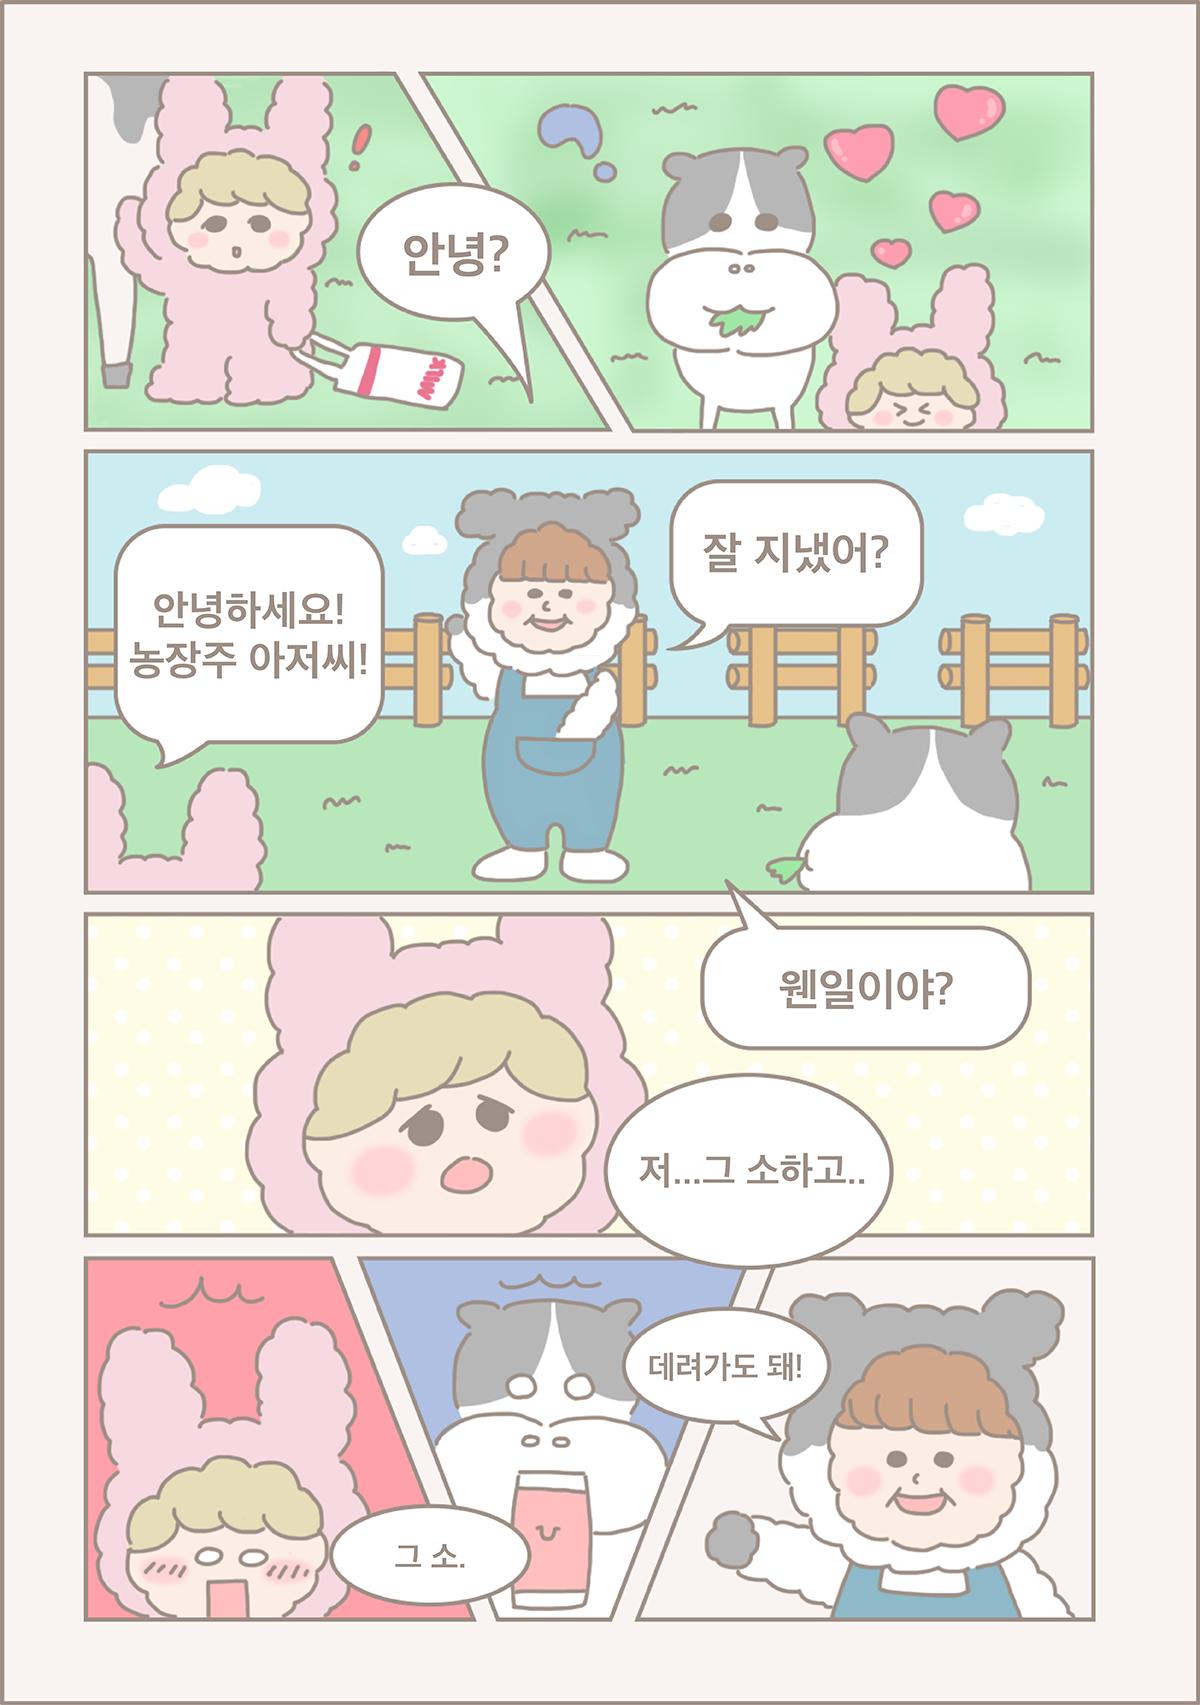 cam1-5_korean.png